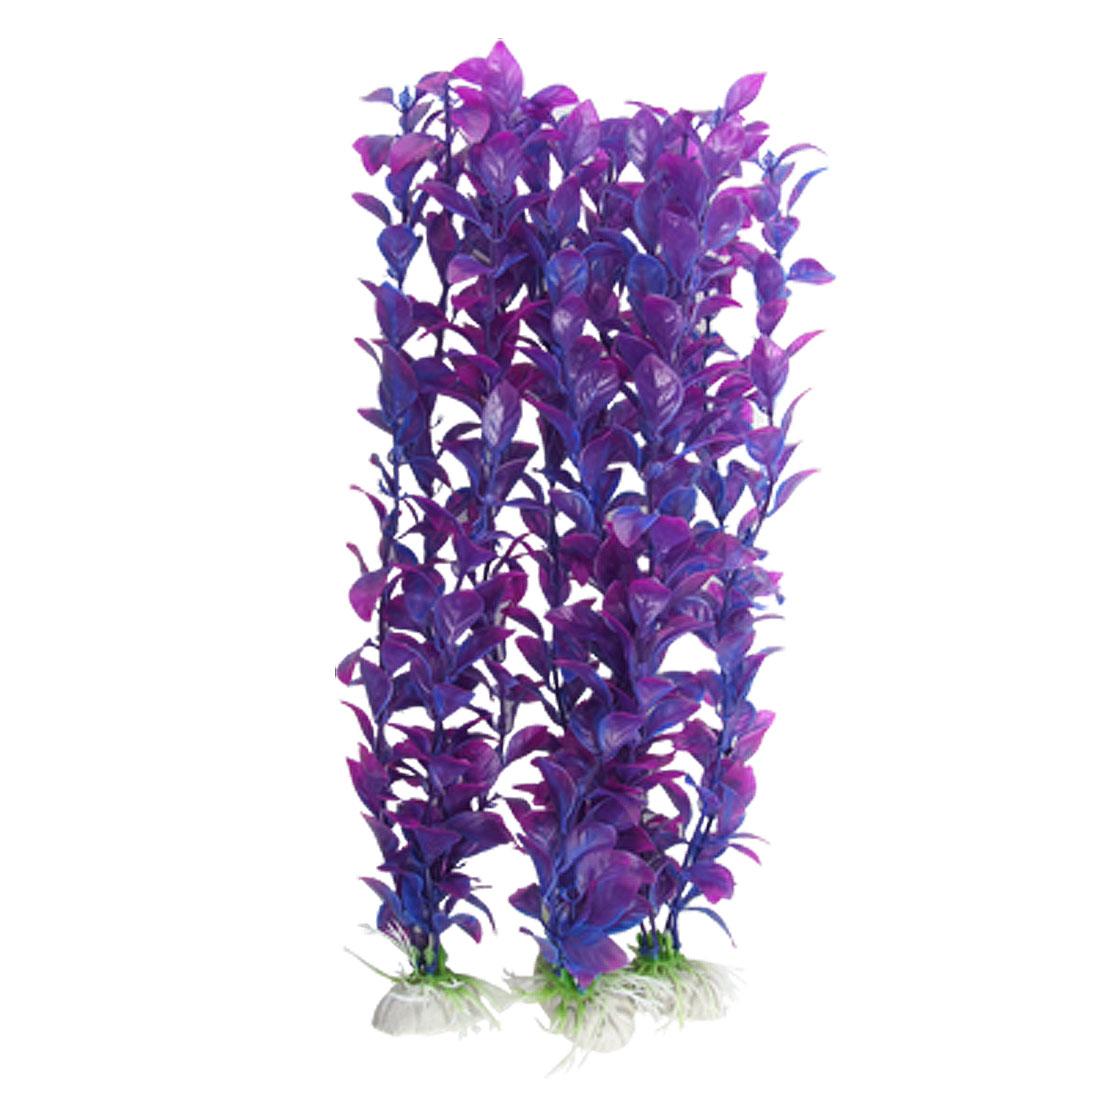 Aquarium Purple Plastic Elliptic Leaves Plant 3 Pcs